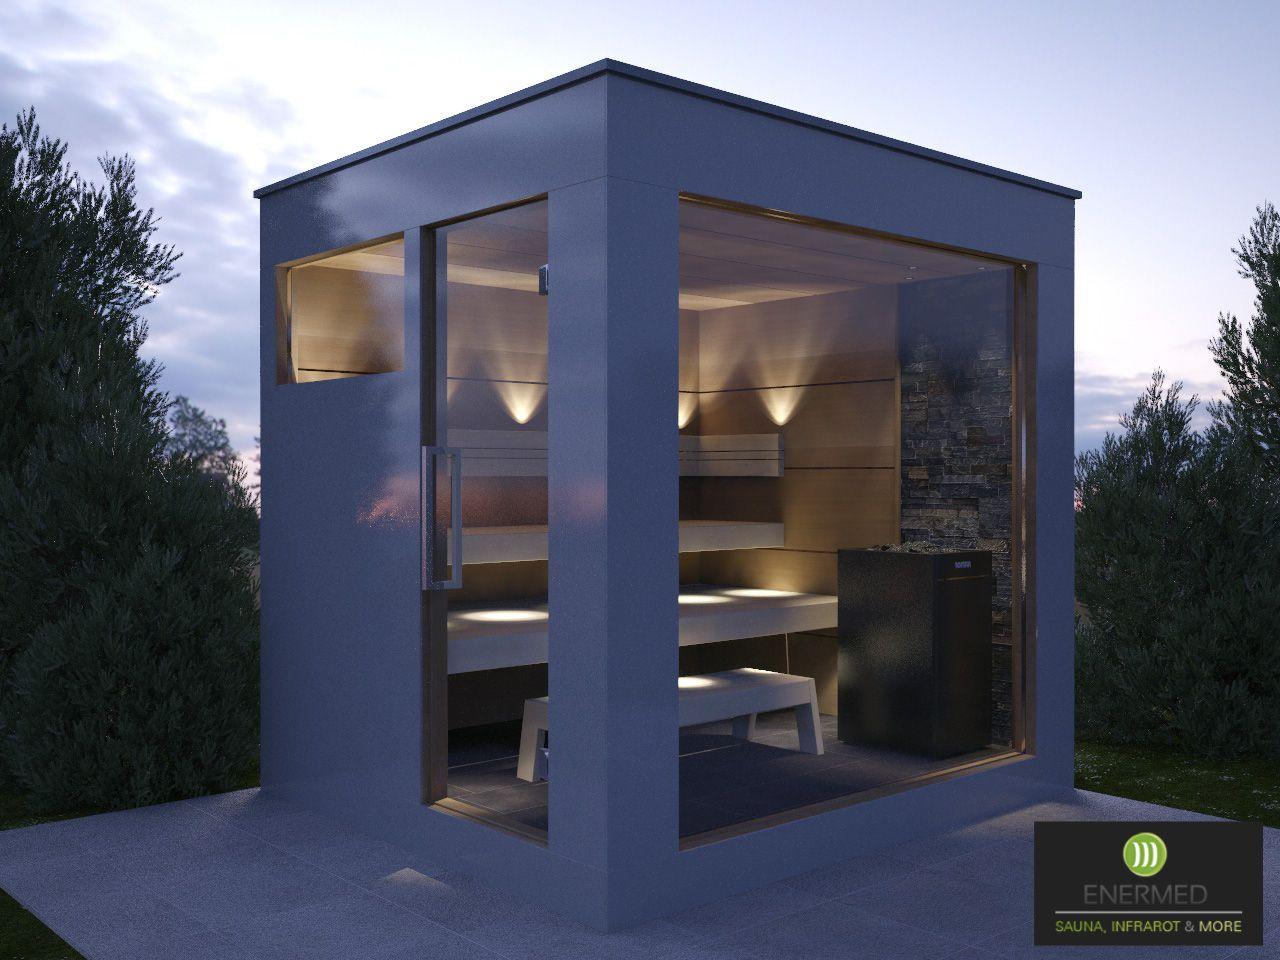 gartensauna   outdoorsauna   saunahaus   sauna terrasse   sauna im